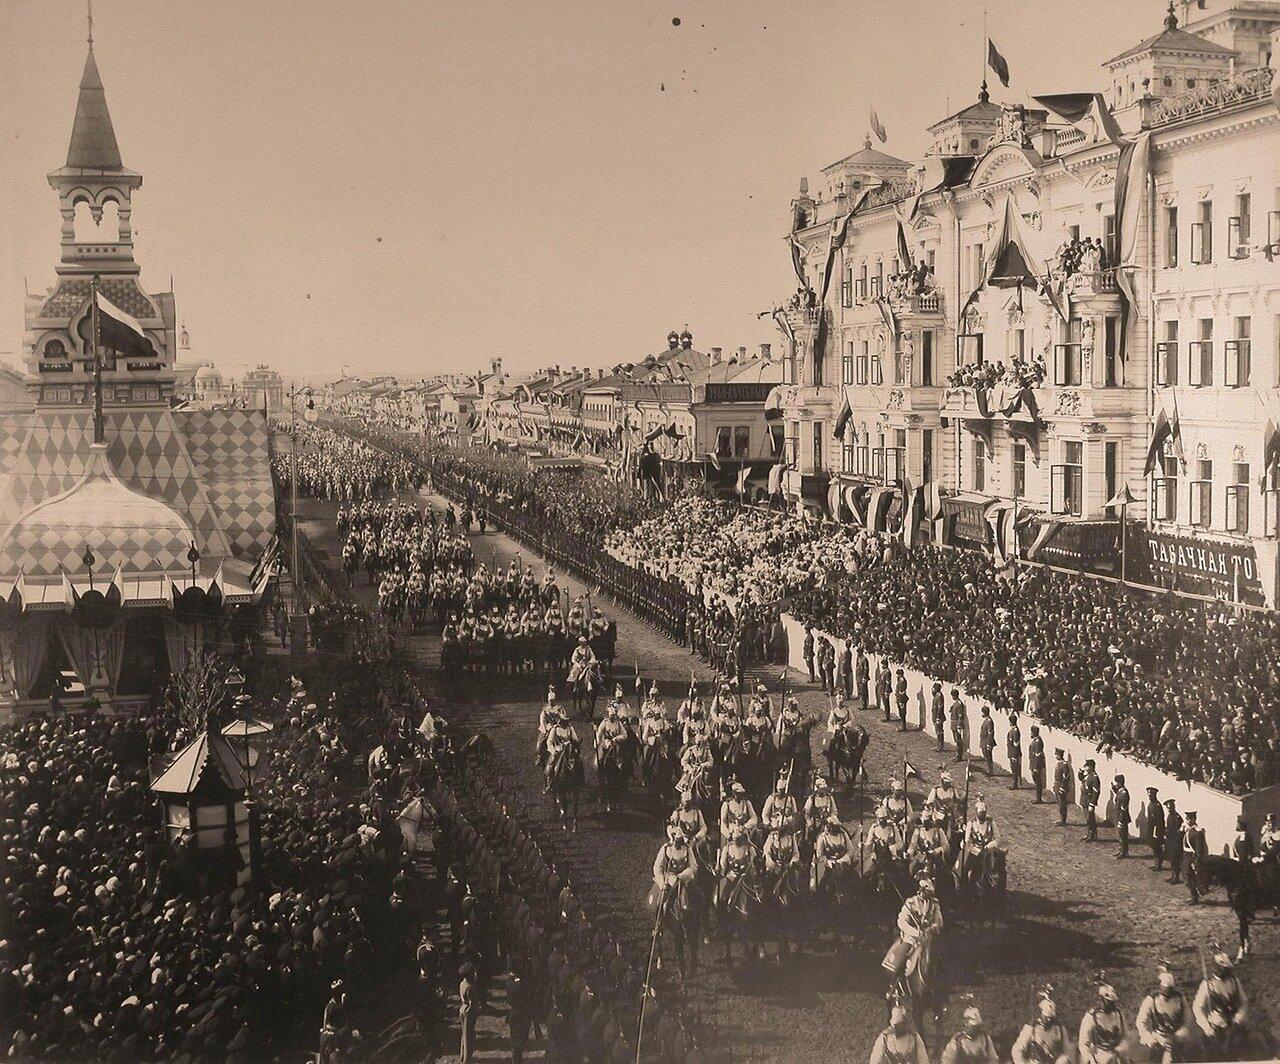 Кавалергарды проходят от Триумфальных ворот по Тверской улице; слева - павильон для встречи их императорских величеств представителями городской думы